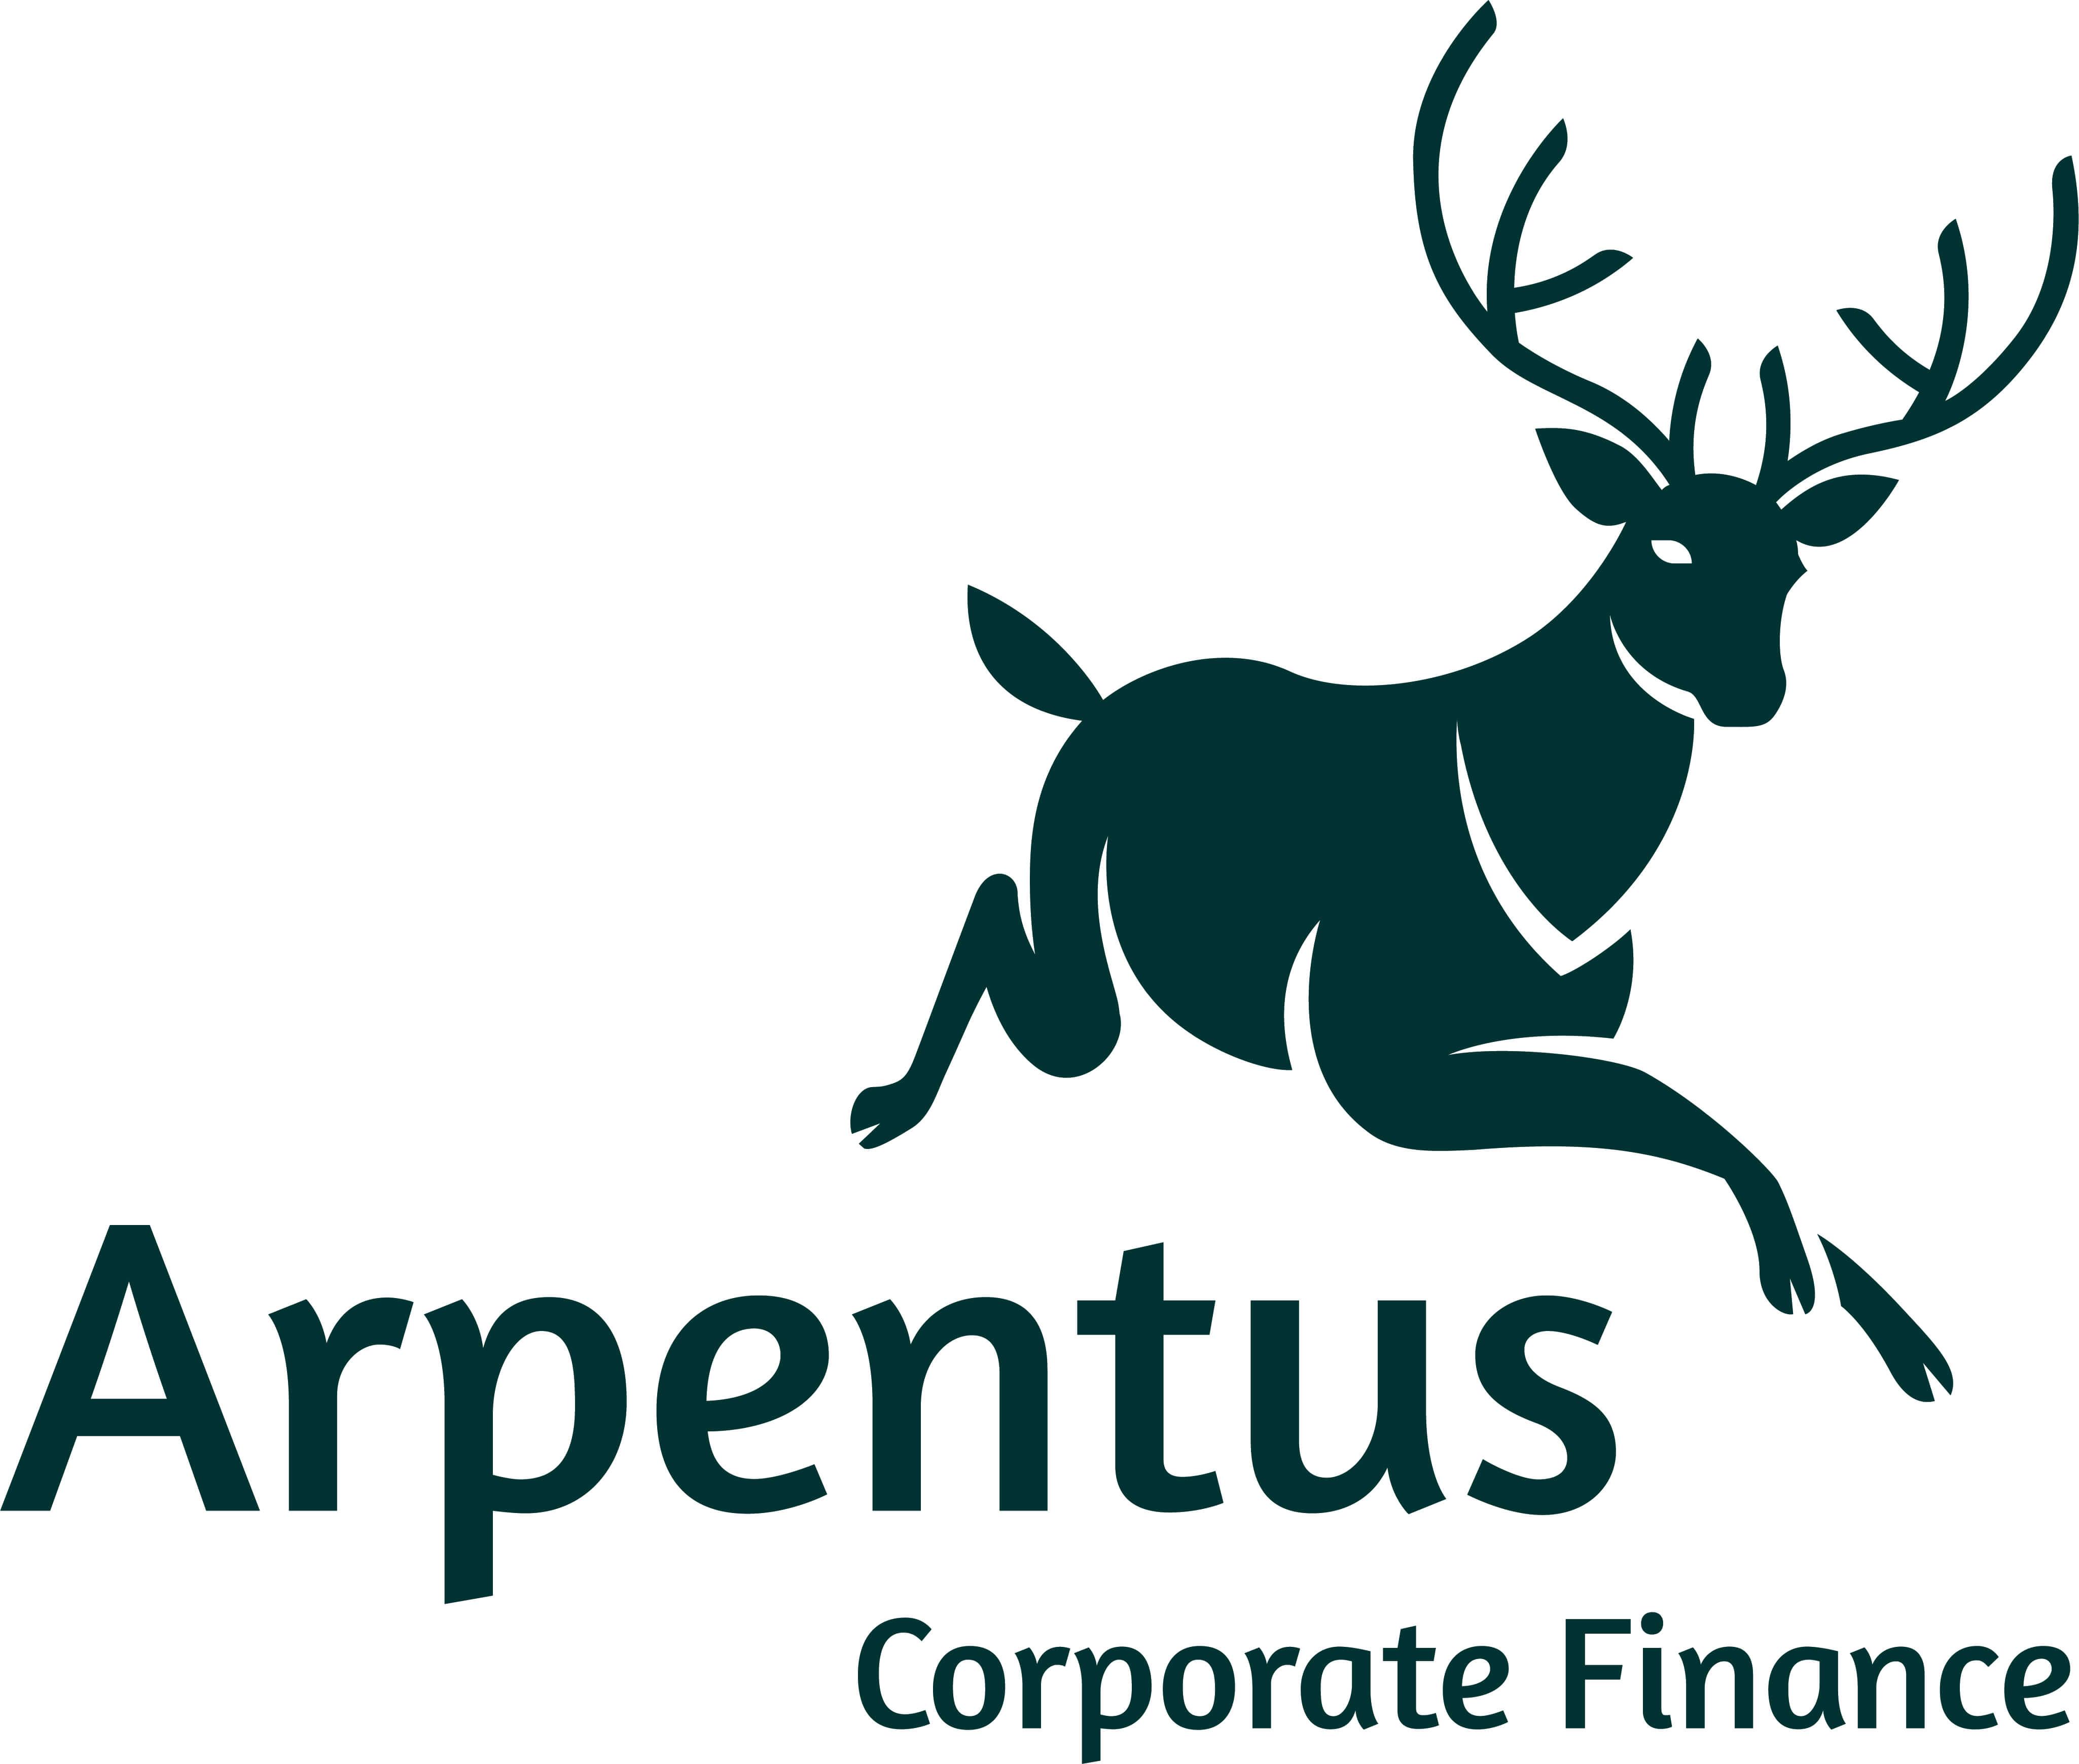 Arpentus